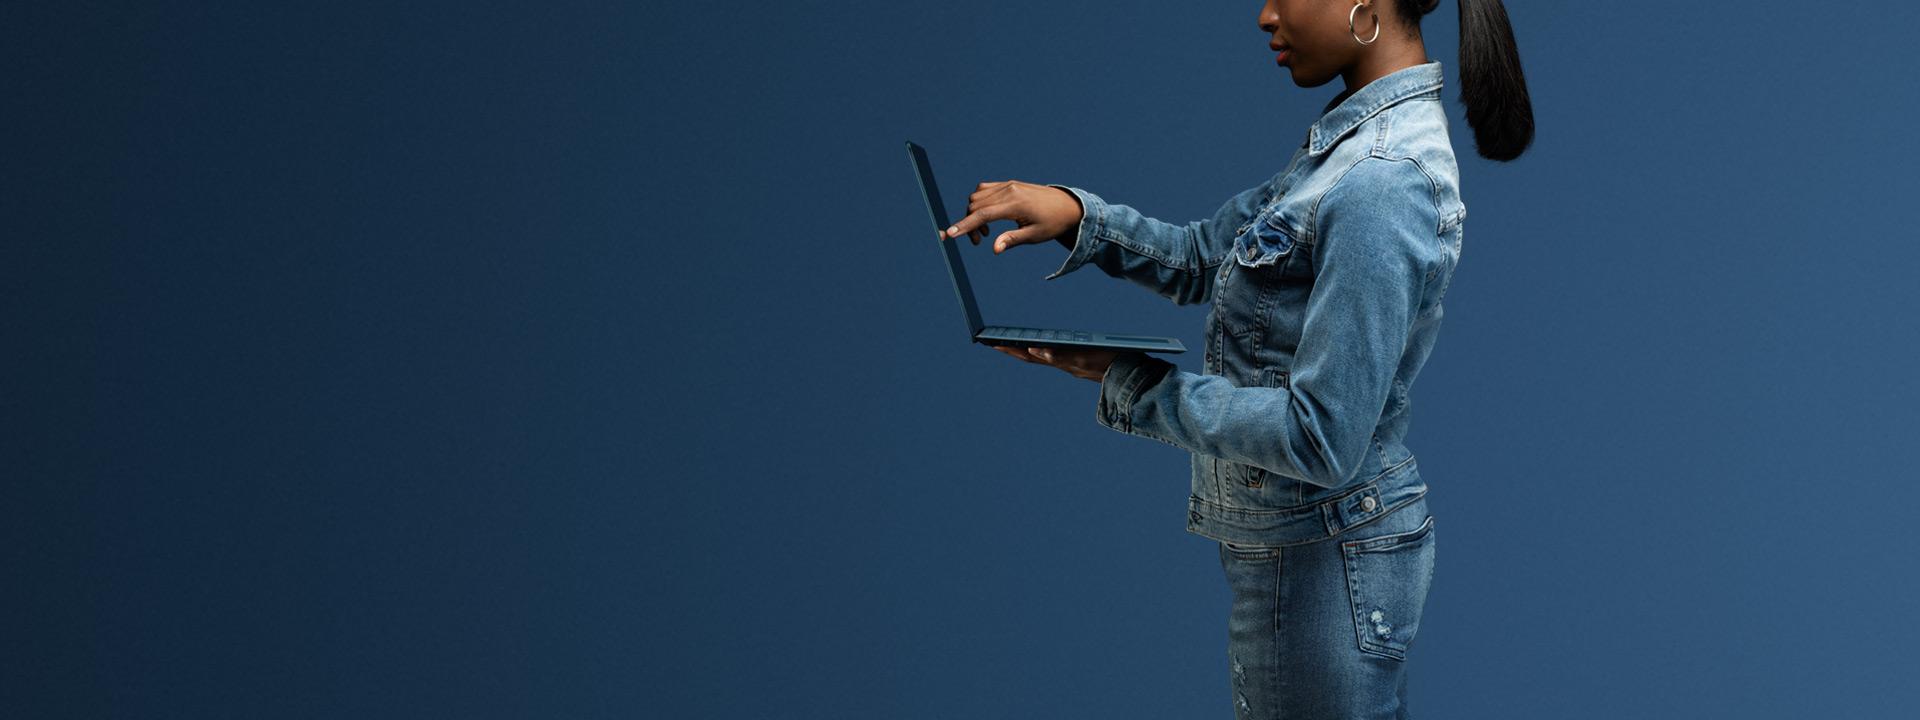 Een meisje houdt Surface Laptop 2 vast terwijl ze het scherm aanraakt